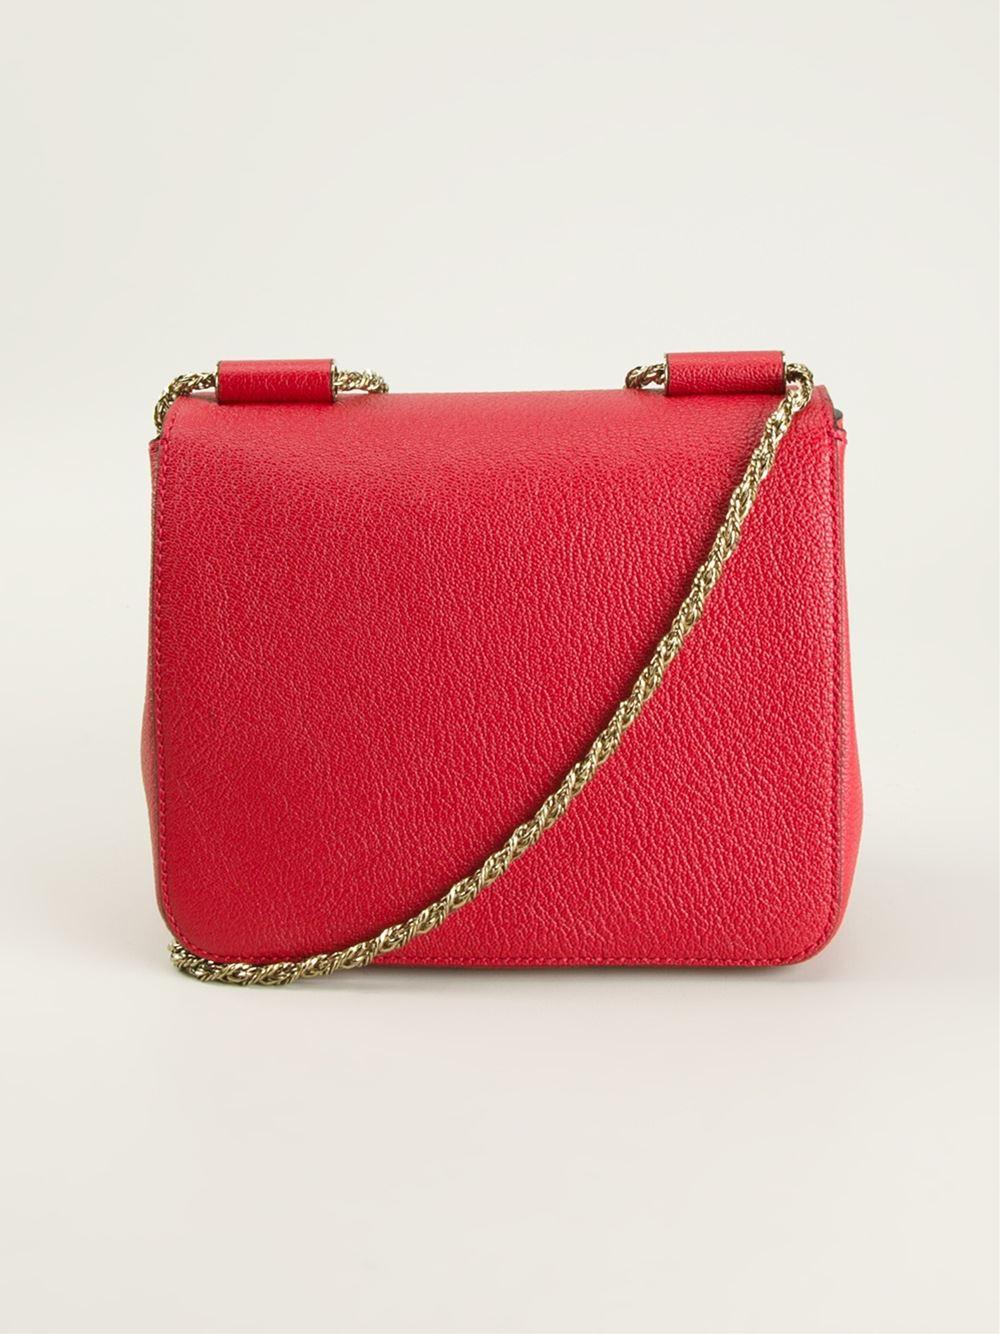 Chlo¨¦ Small \u0026#39;Elsie\u0026#39; Shoulder Bag in Red | Lyst